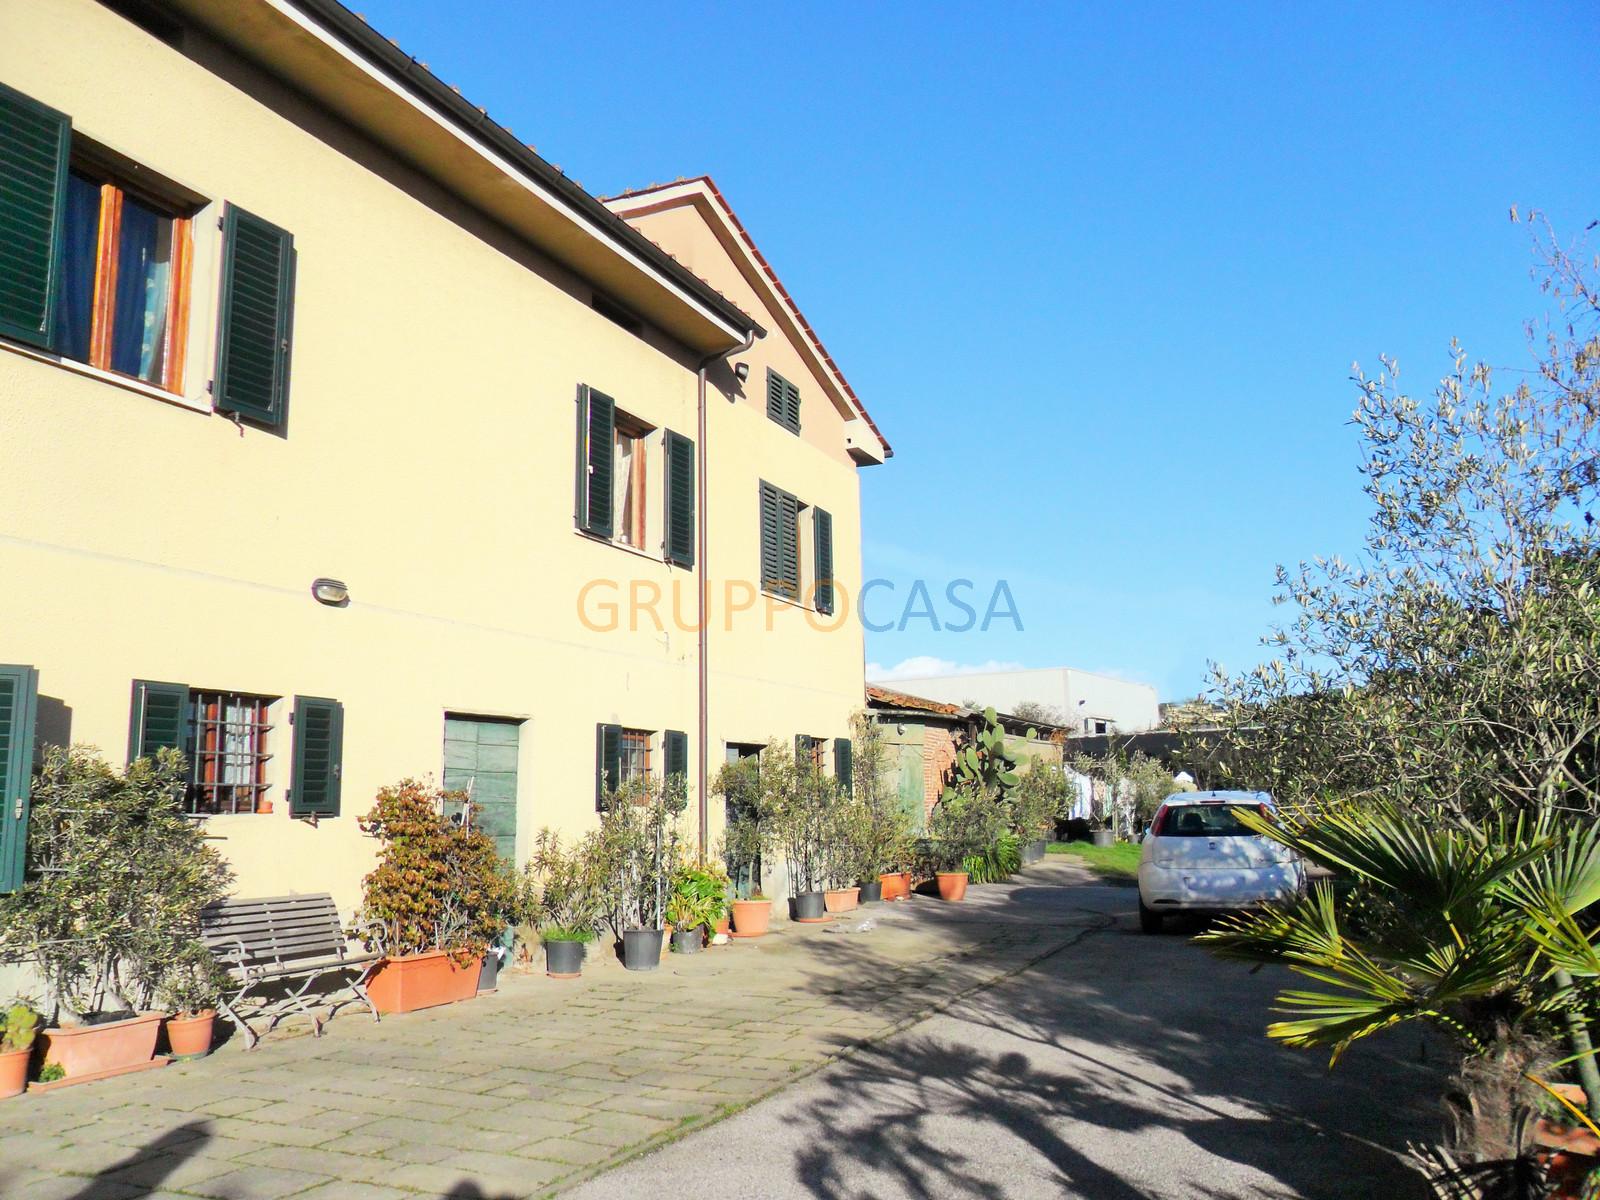 Soluzione Indipendente in vendita a Uzzano, 6 locali, zona Località: S.Allucio, prezzo € 420.000 | Cambio Casa.it